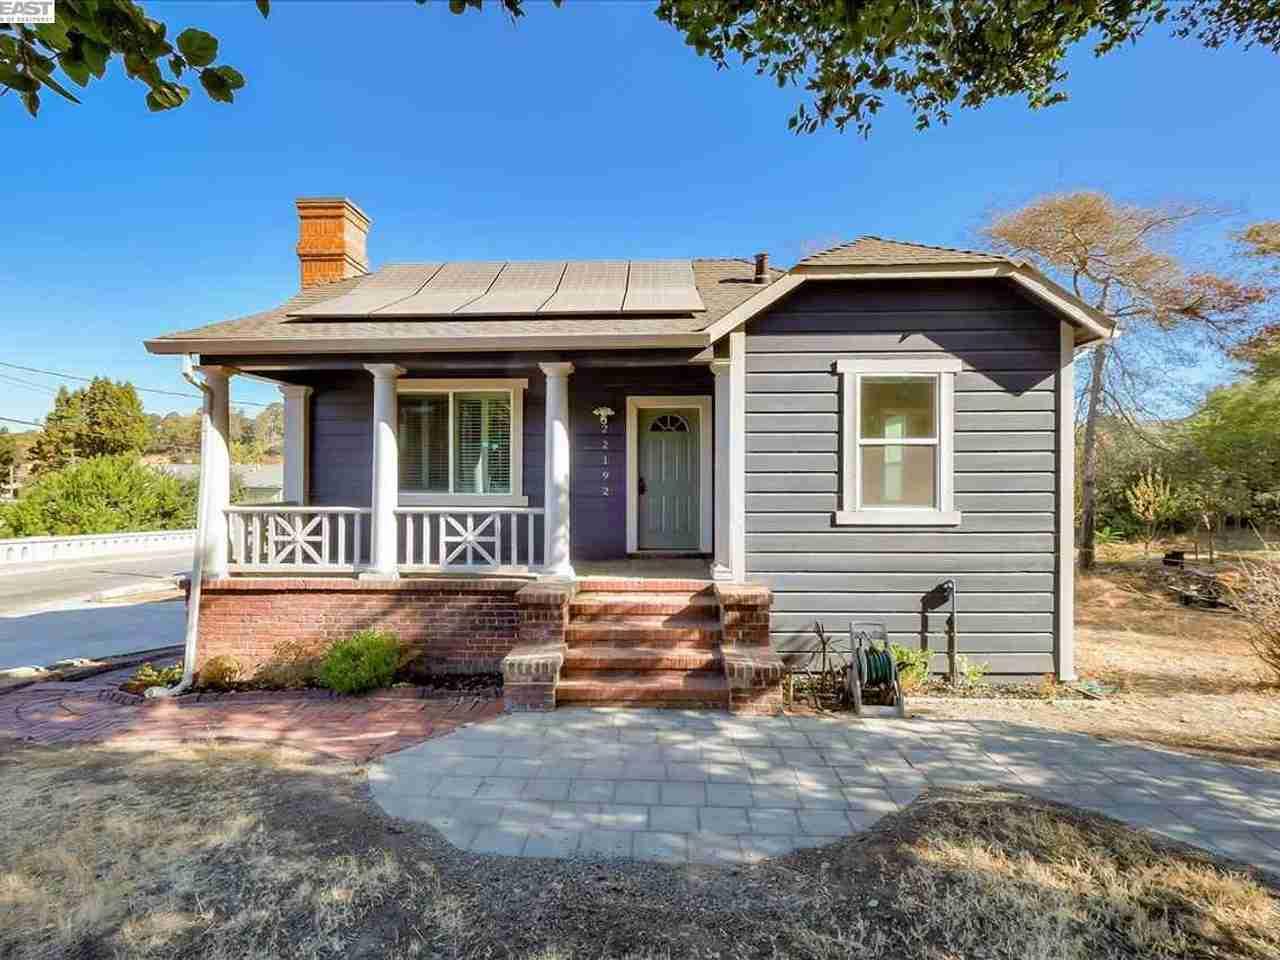 22192 Main St Hayward, CA, 94541